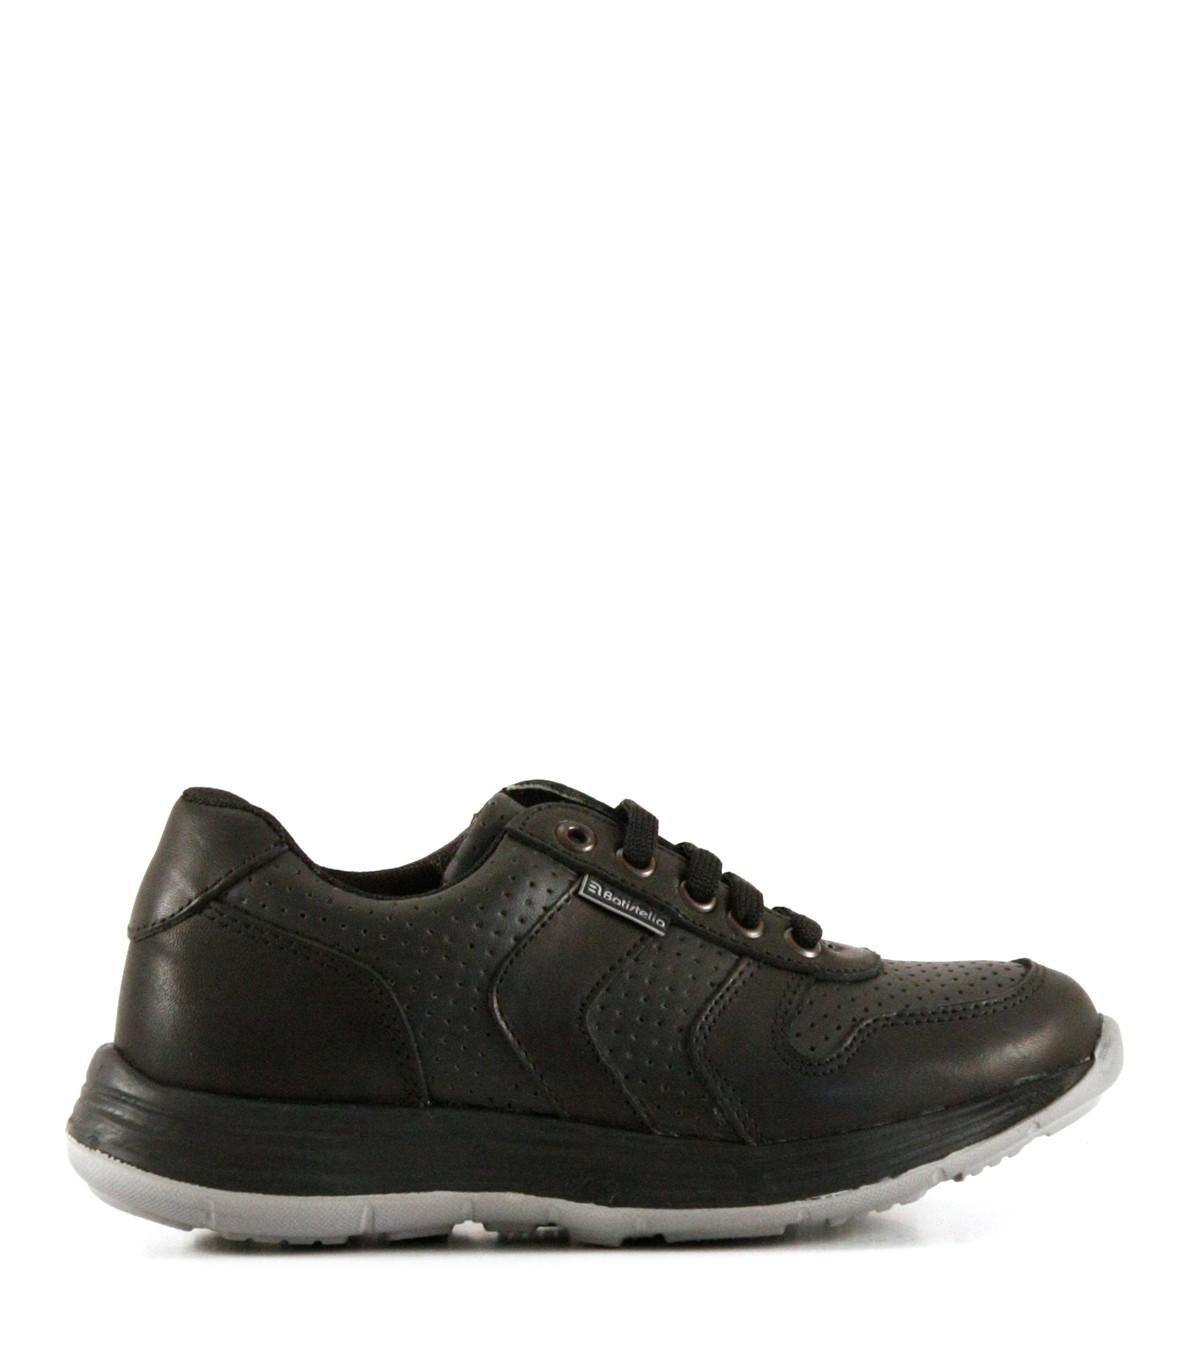 6b6ea50d Zapatillas colegiales de cuero negro|Colegiales|Batistella